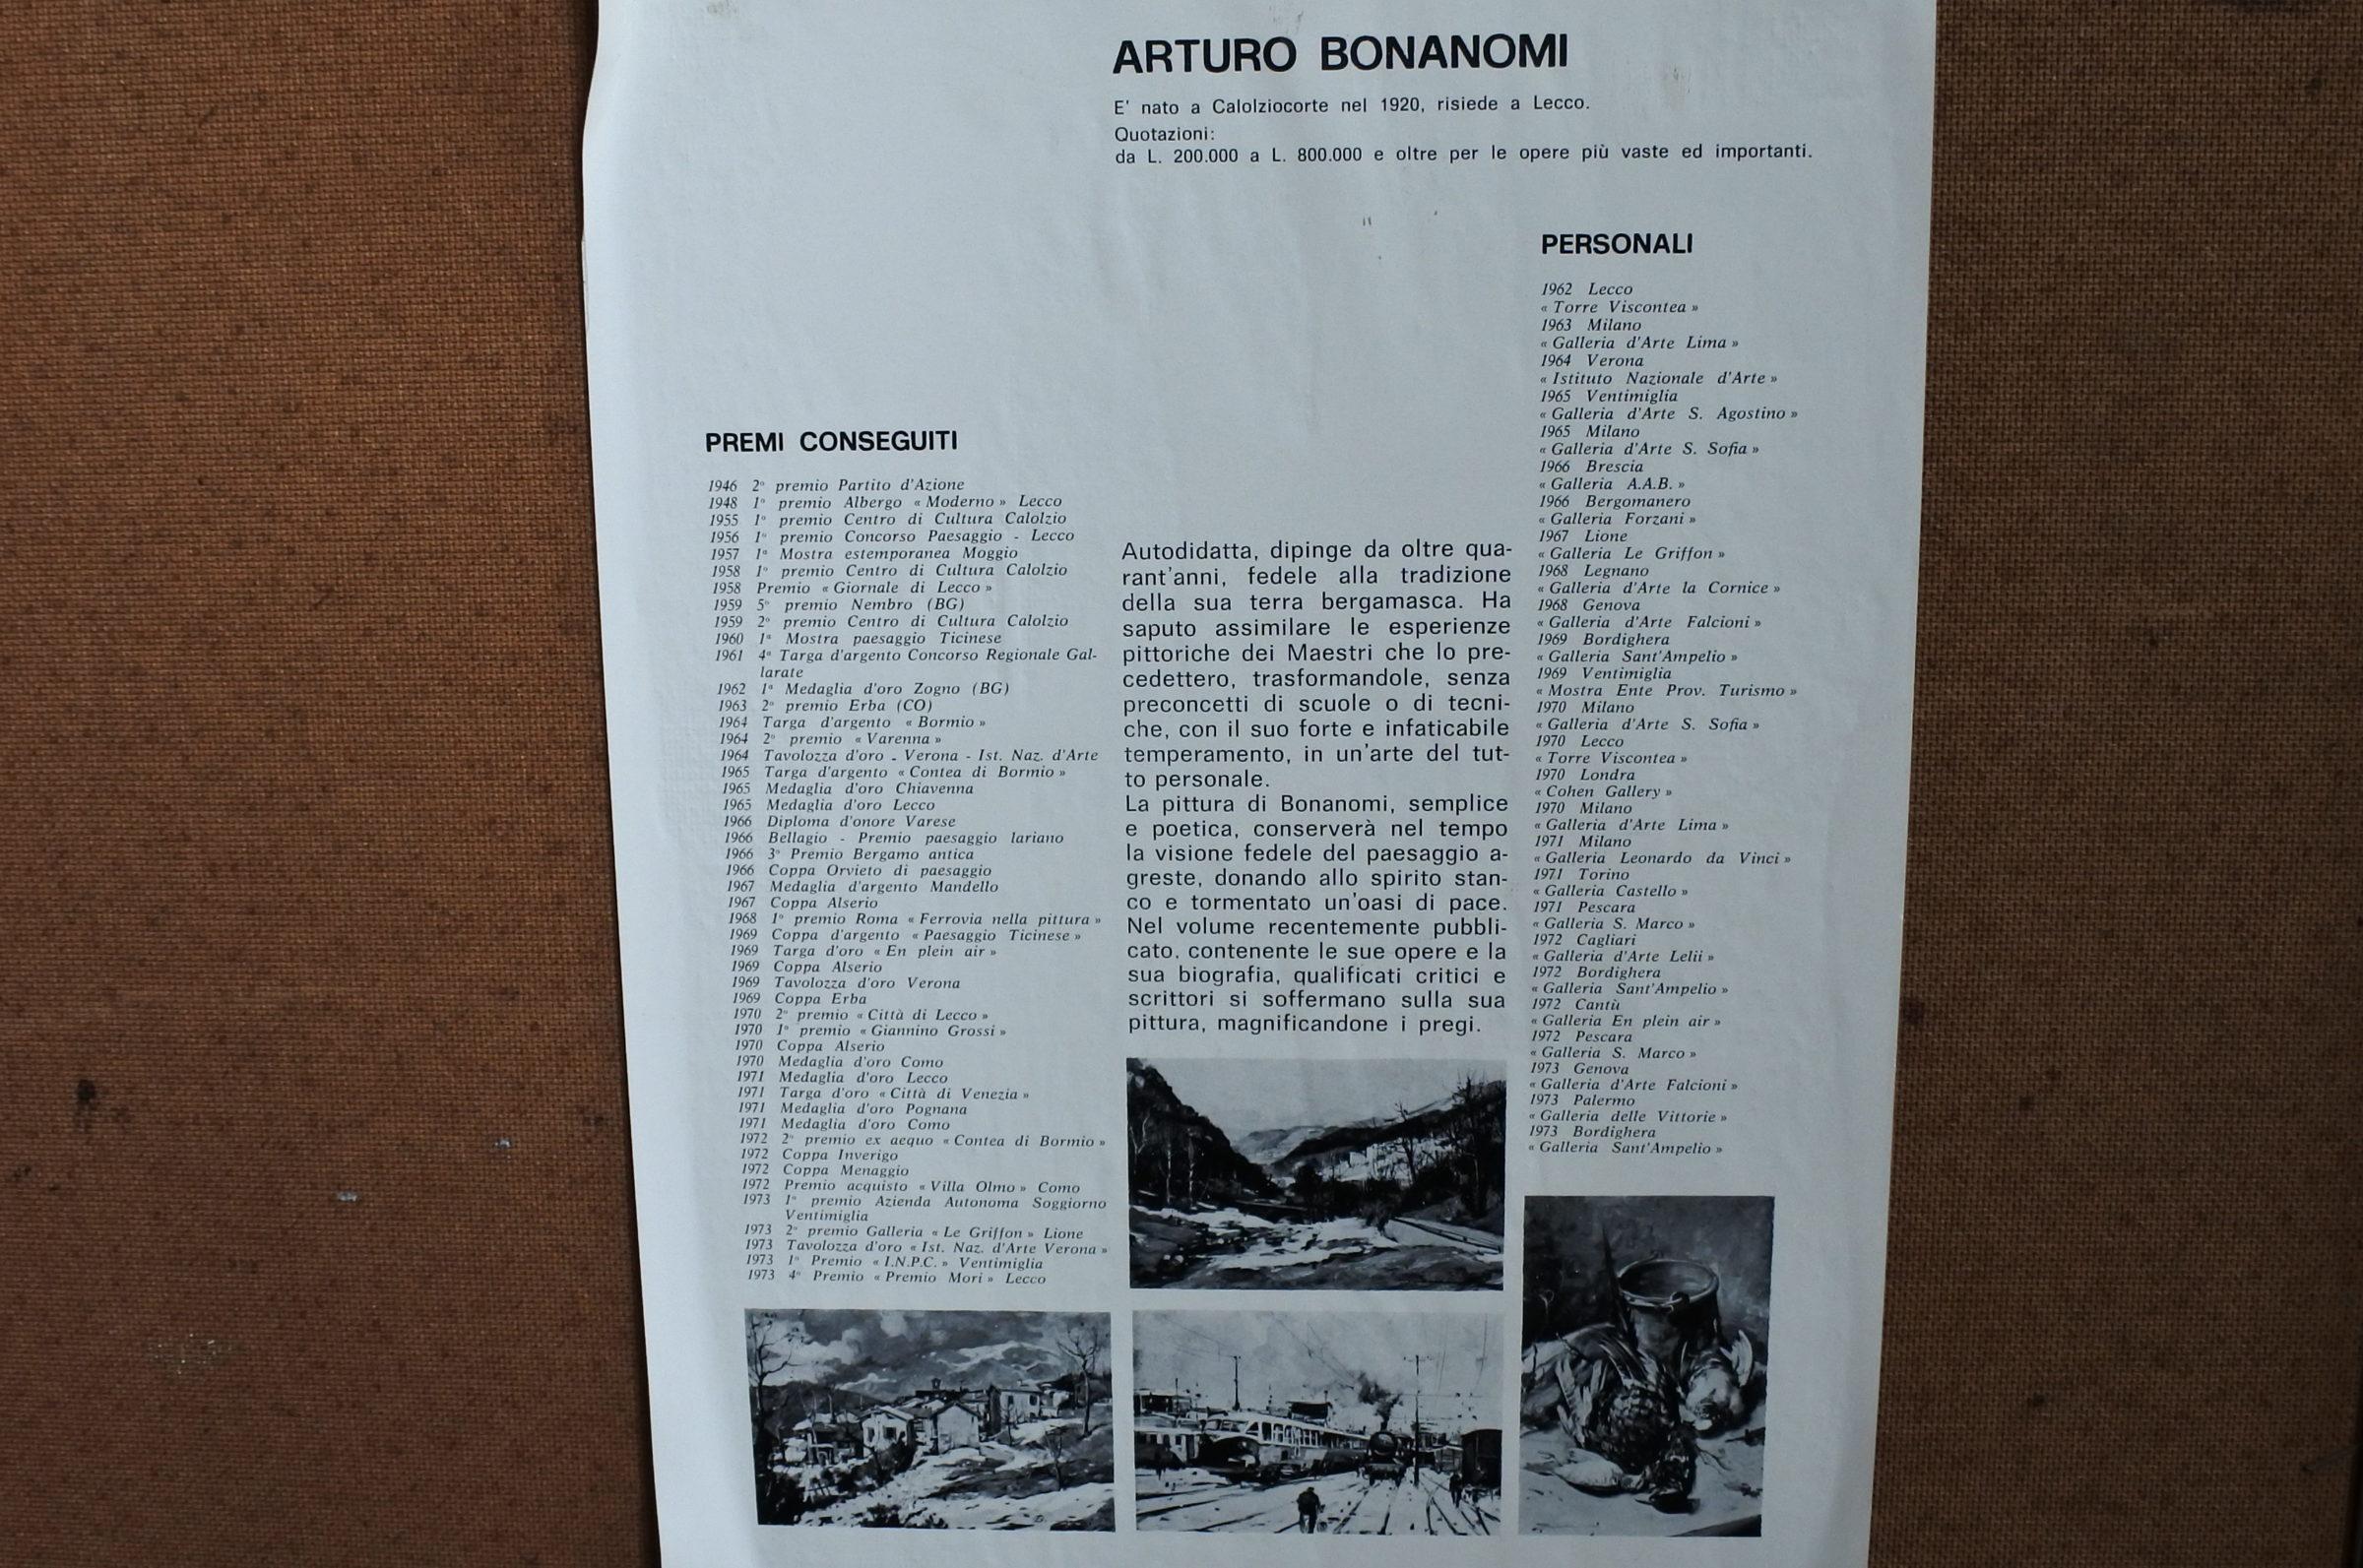 Quadro ad olio su tavola rappresentante treni a vapore in stazione - Arturo Bonanomi - 2